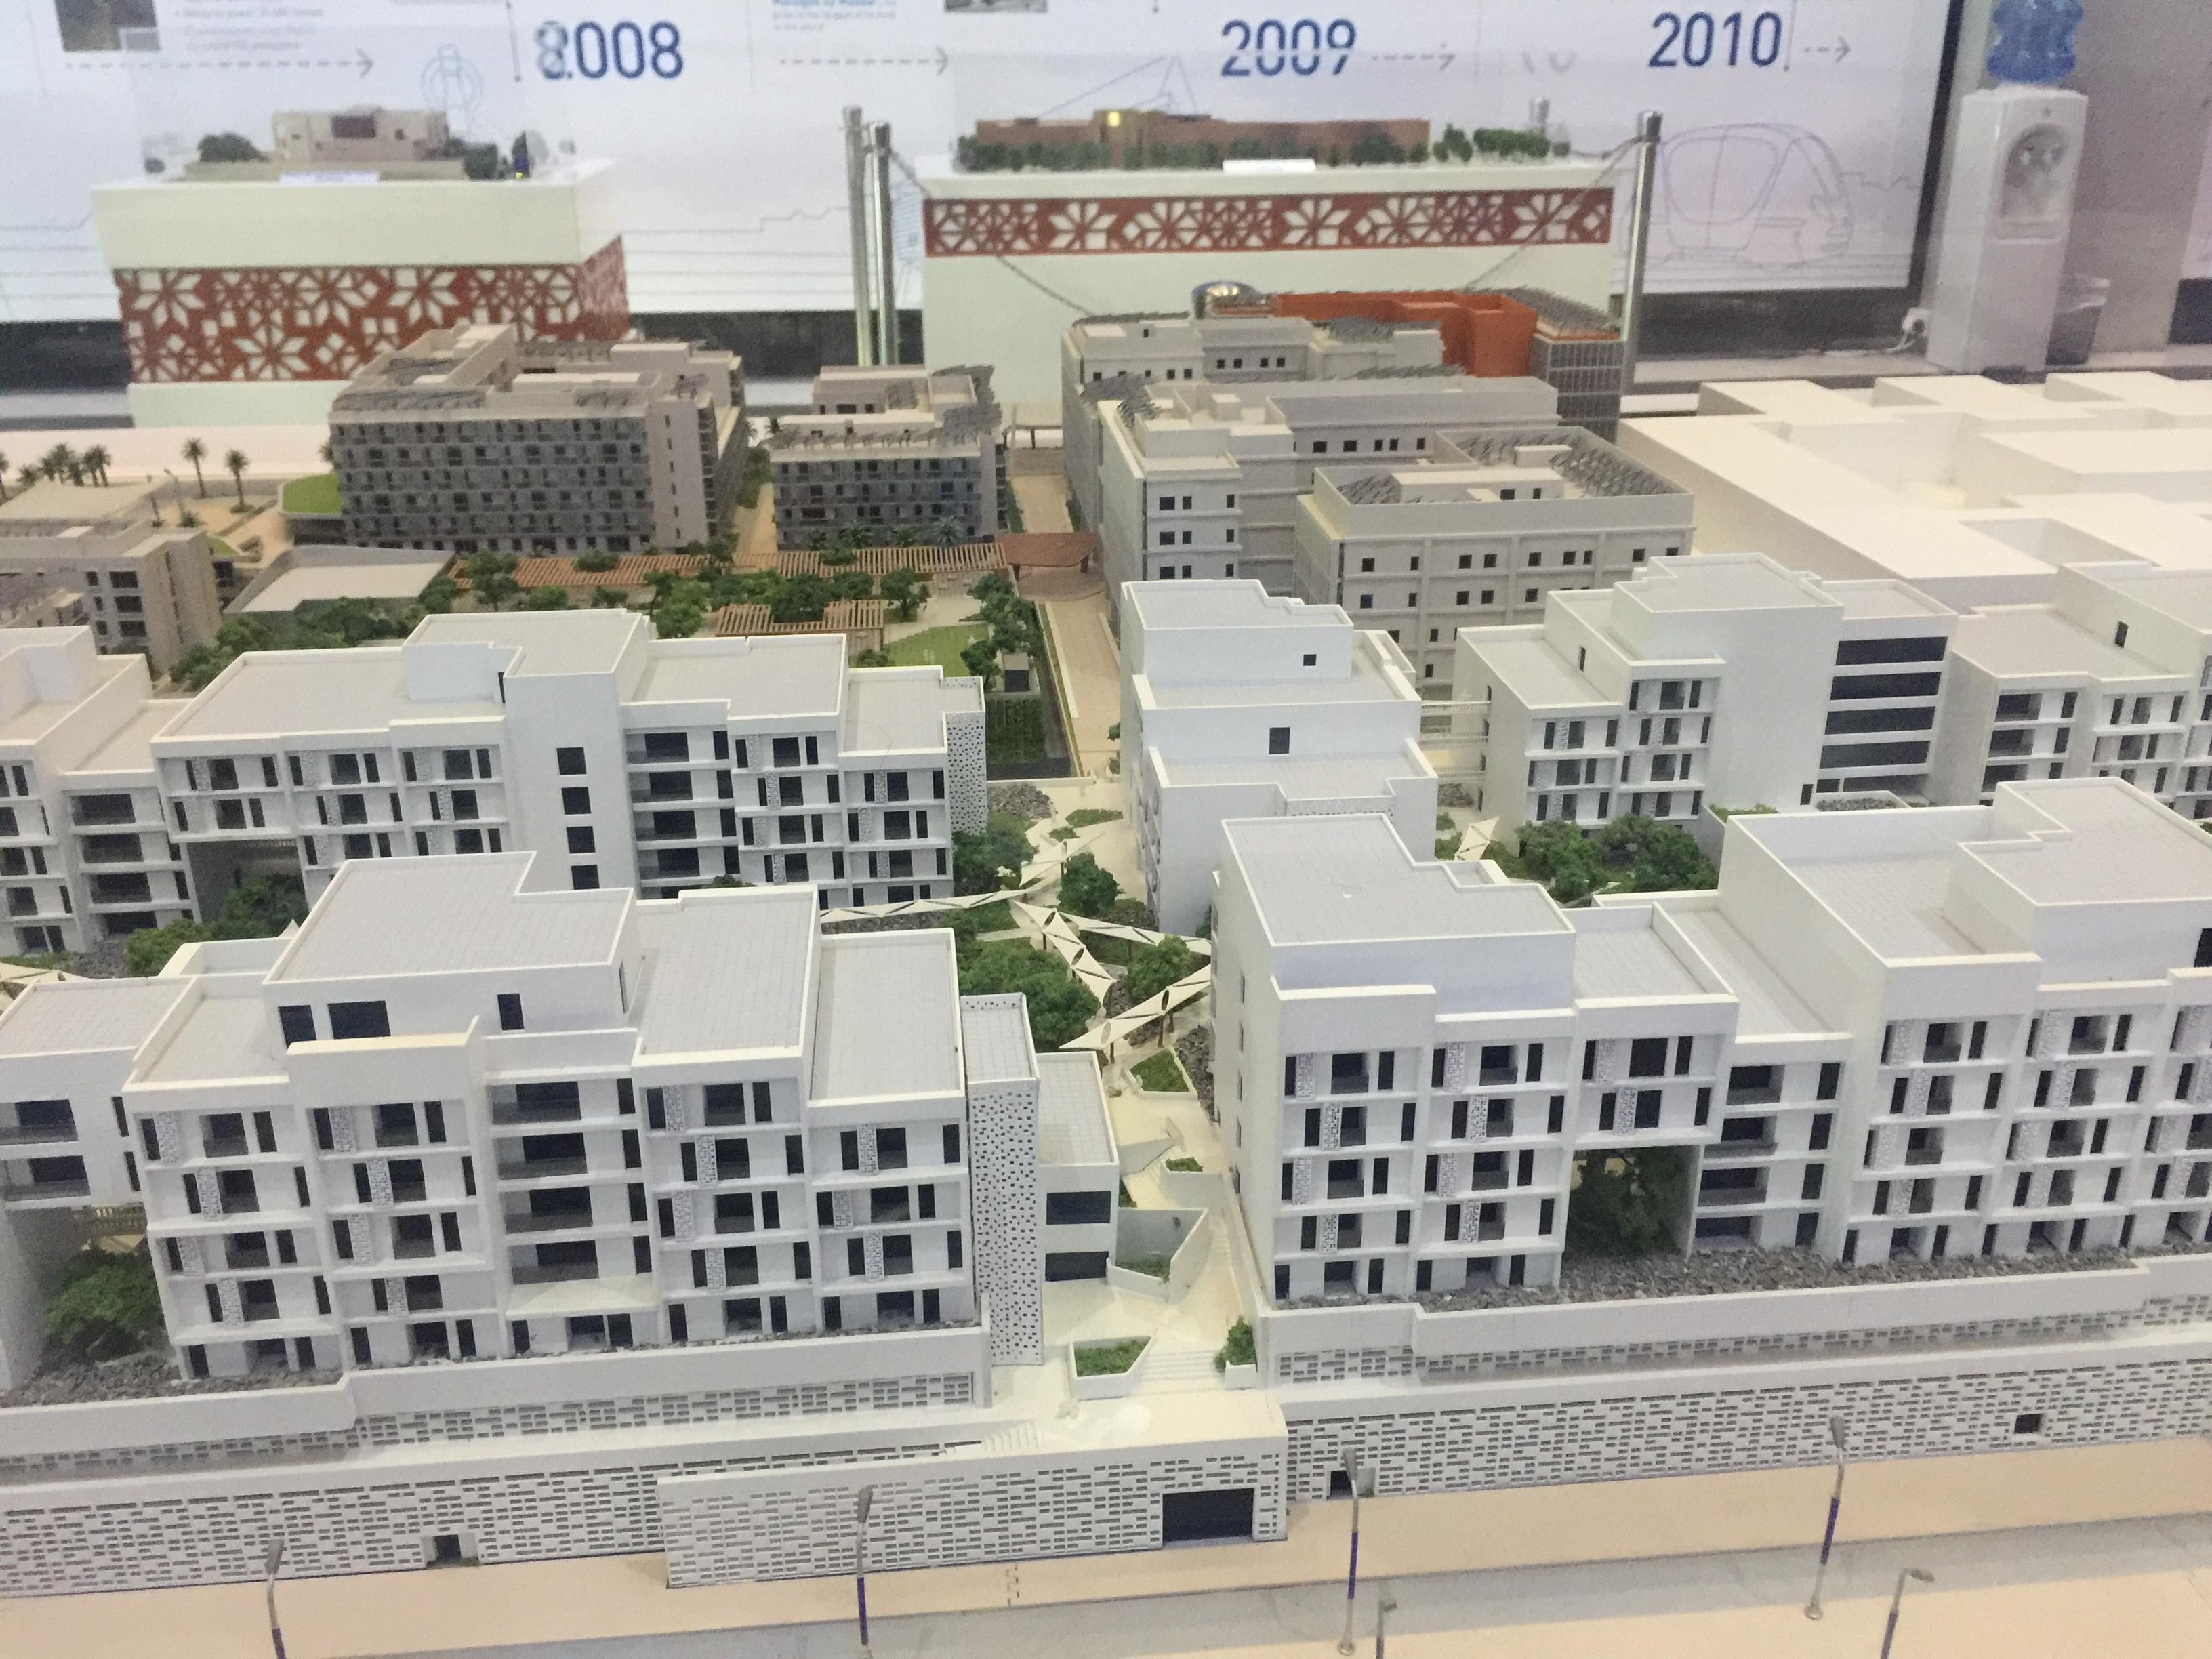 ماكيت لمباني يتم إنشائها حاليا ذاتية الطاقة  (1)